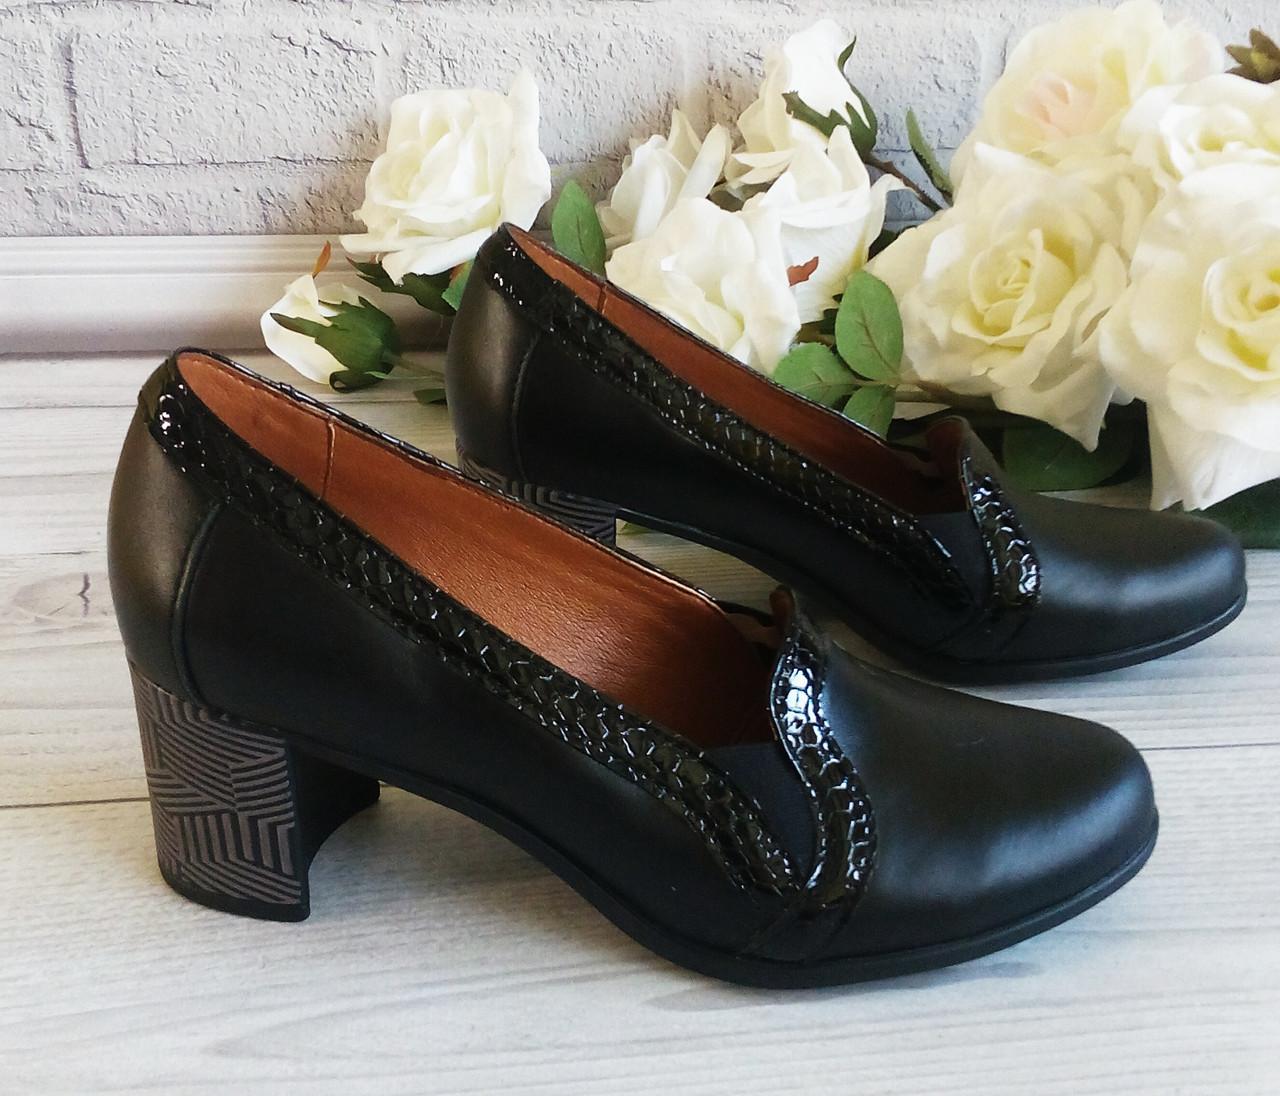 Кожаные туфли под заказ. Украина., цена 609 грн., купить в Днепре ... 79d59fad9b6